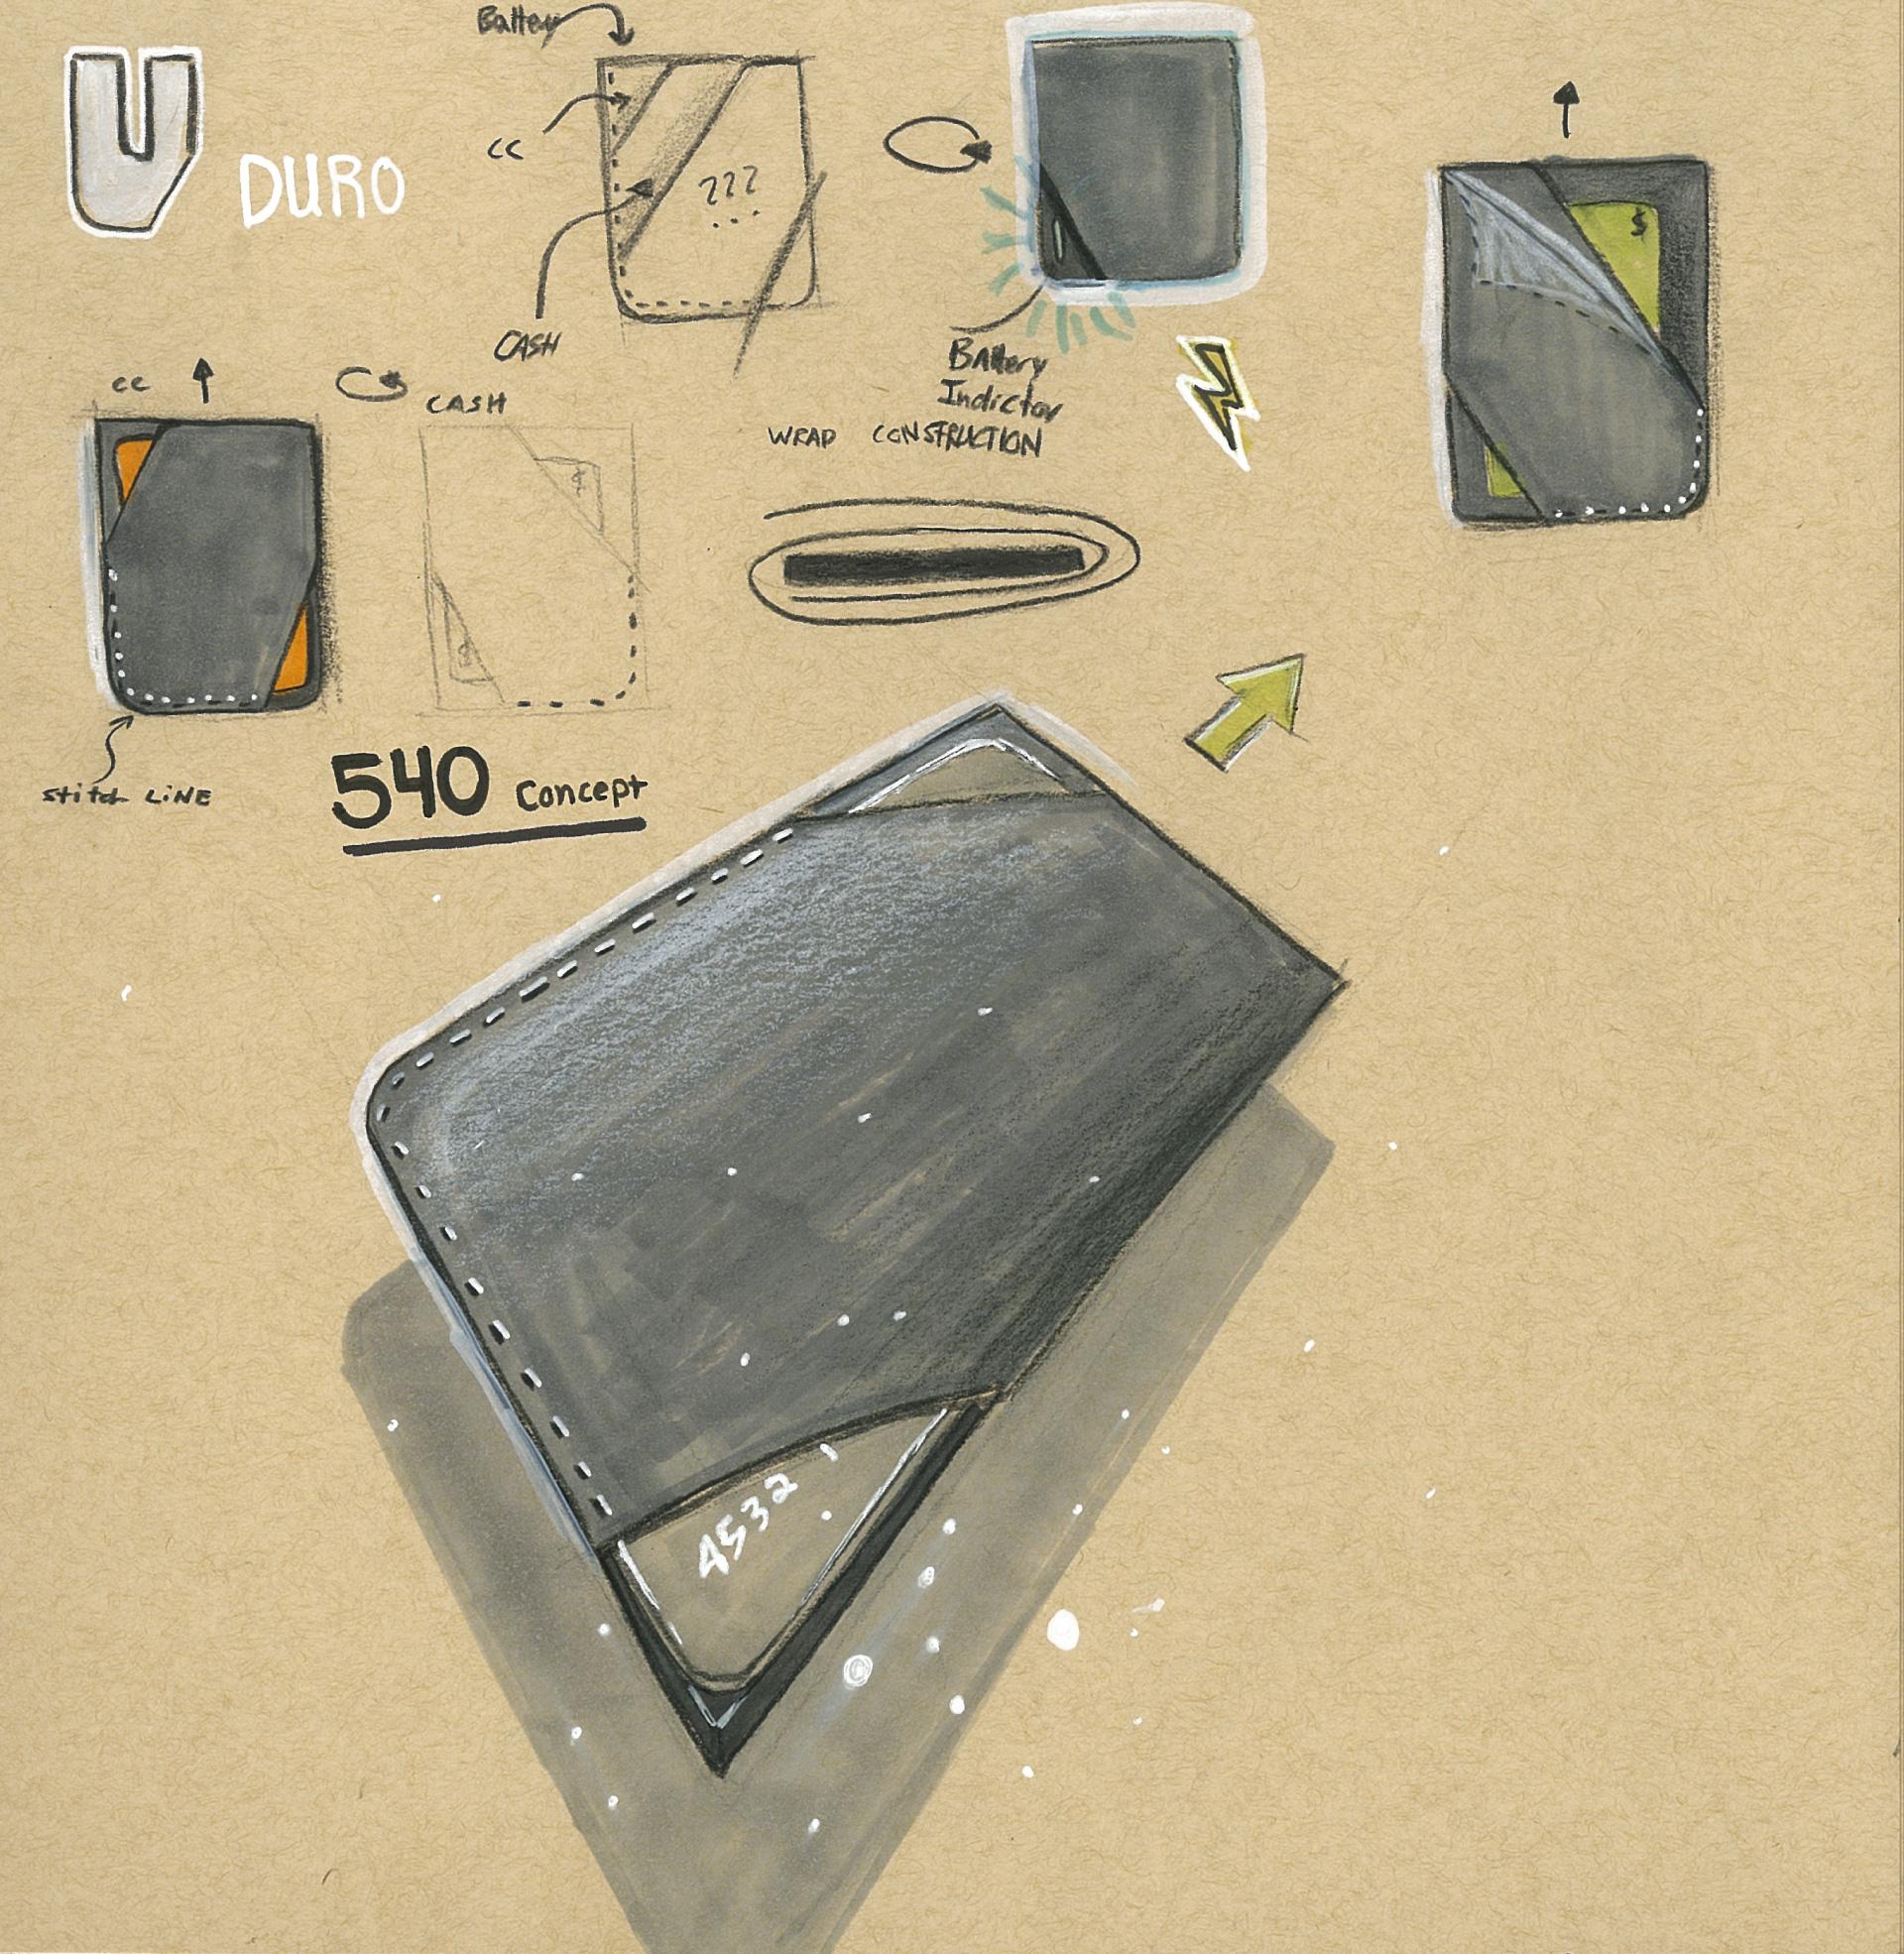 duro_sketch_concept_01